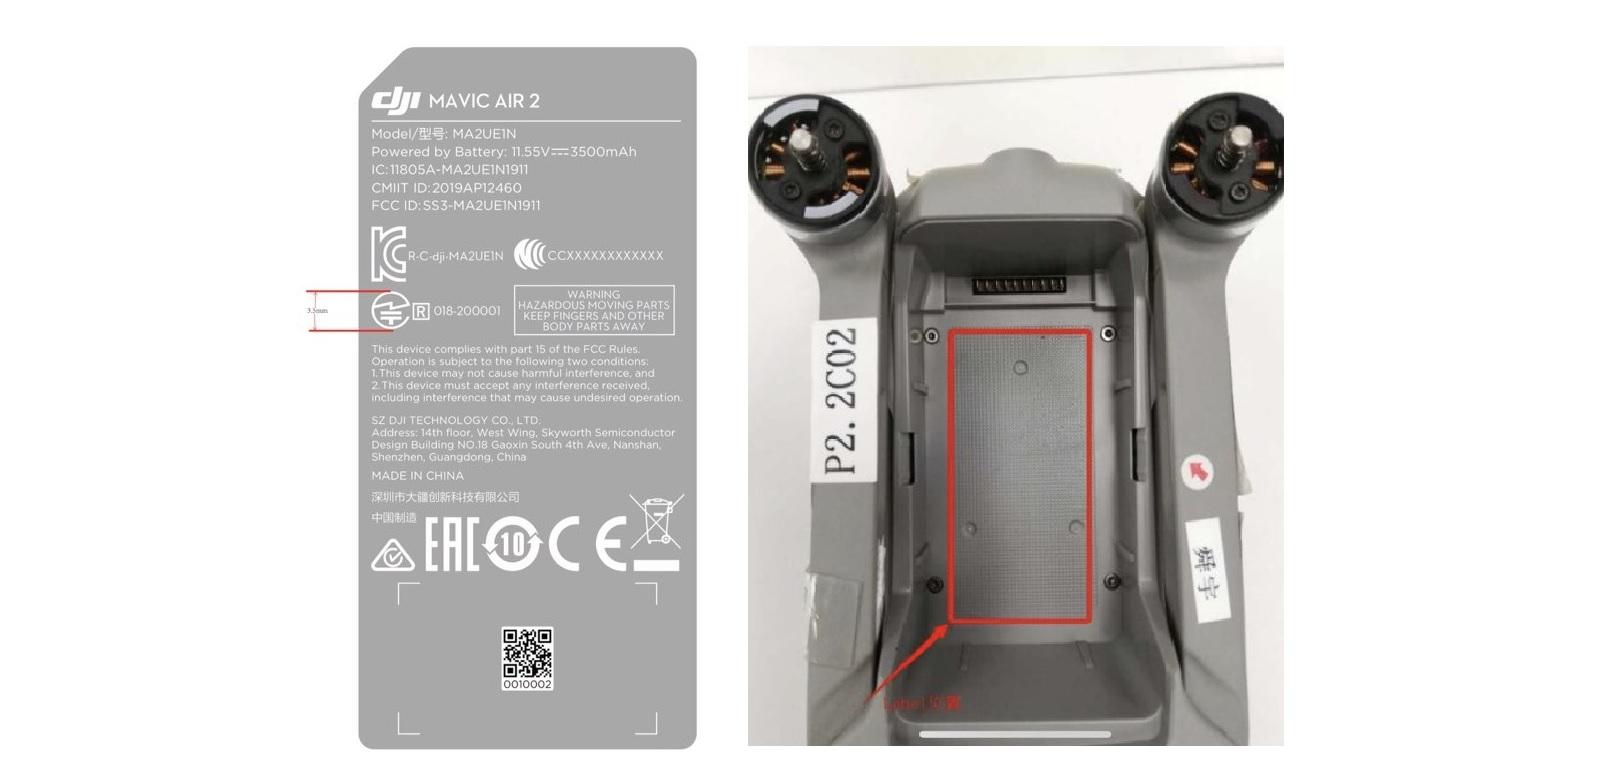 Новые фотографии DJI Mavic Air 2 показывают, что дрон не имеет верхних датчиков обхода препятствий